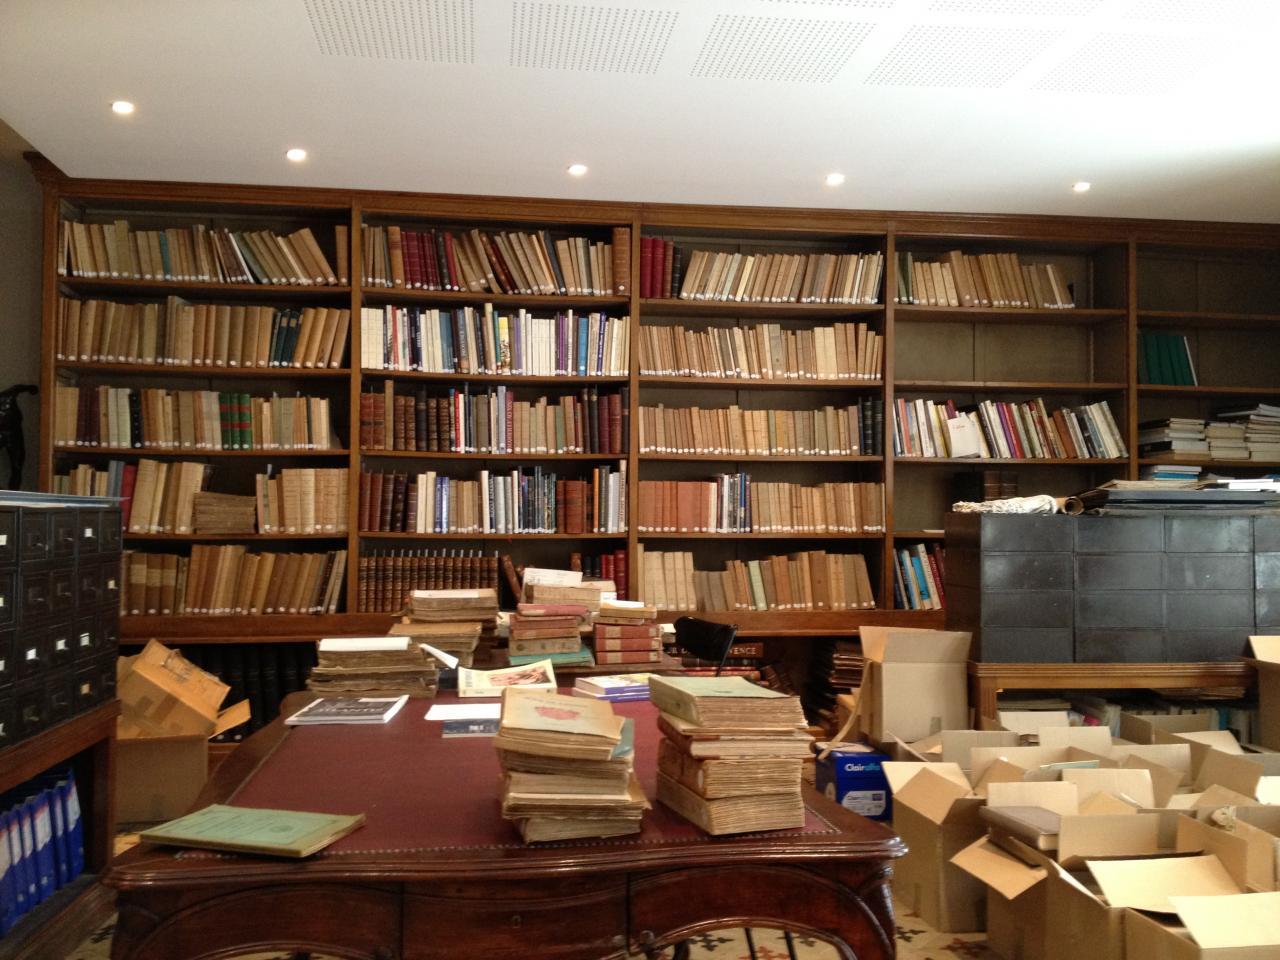 La biblioth que et ses cartons pleins de livres - Livraison de livre ...